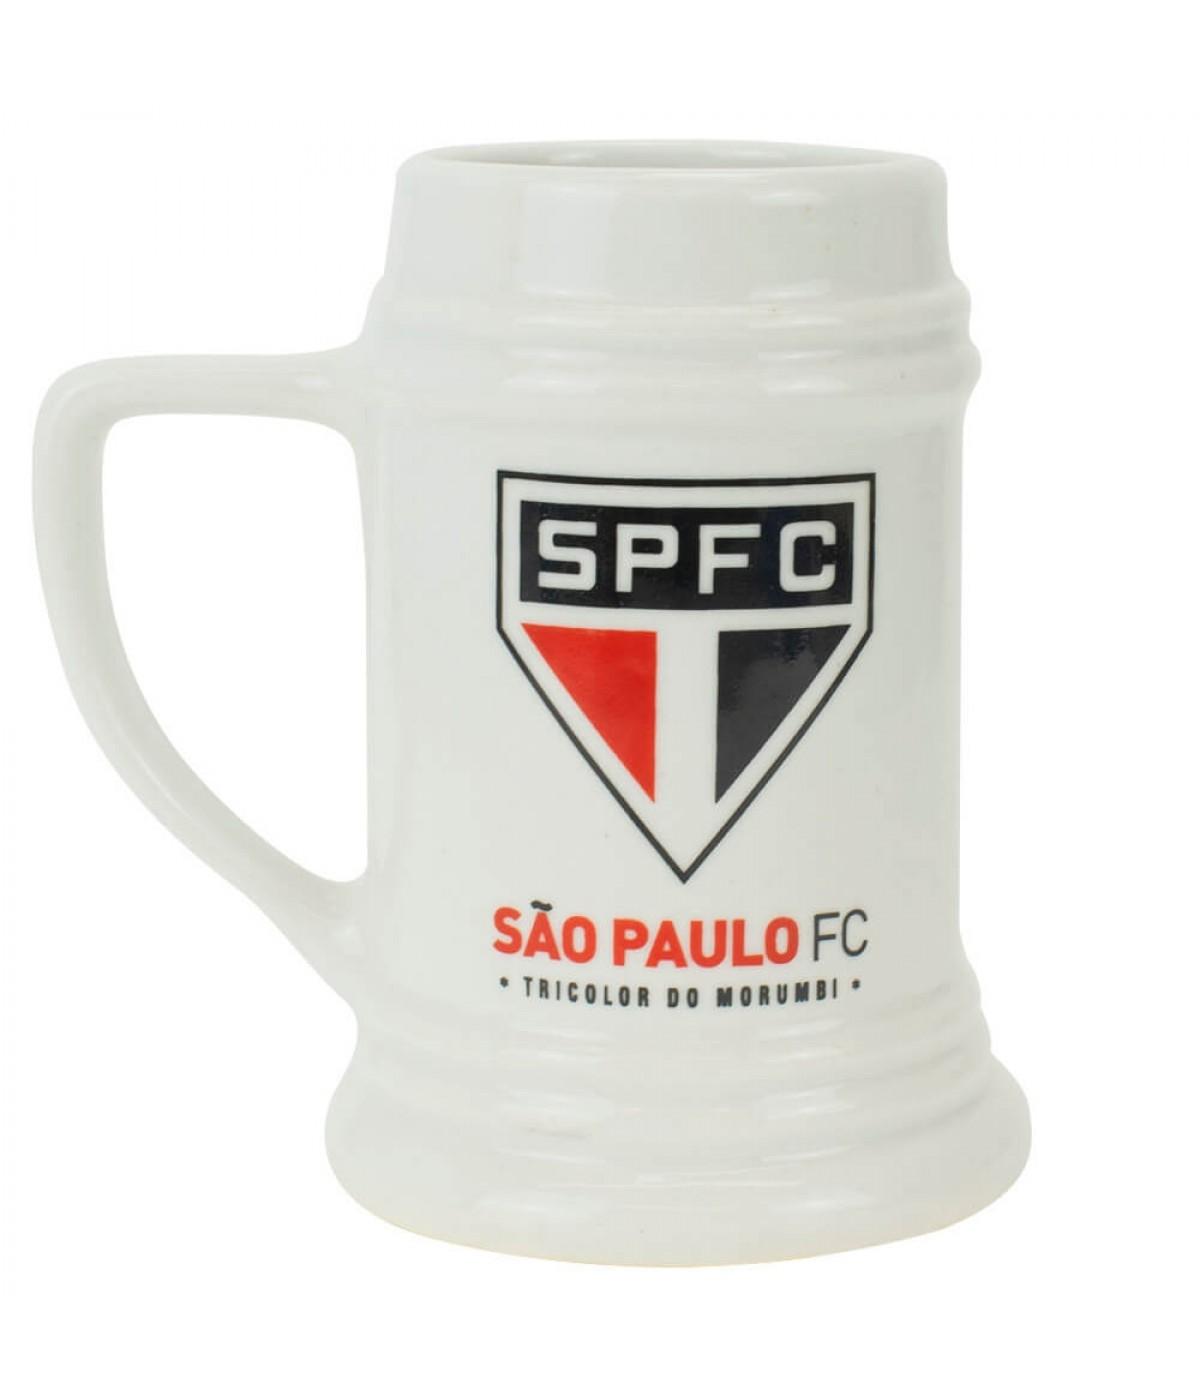 CANECA PORCELANA BRANCA SÃO PAULO FC